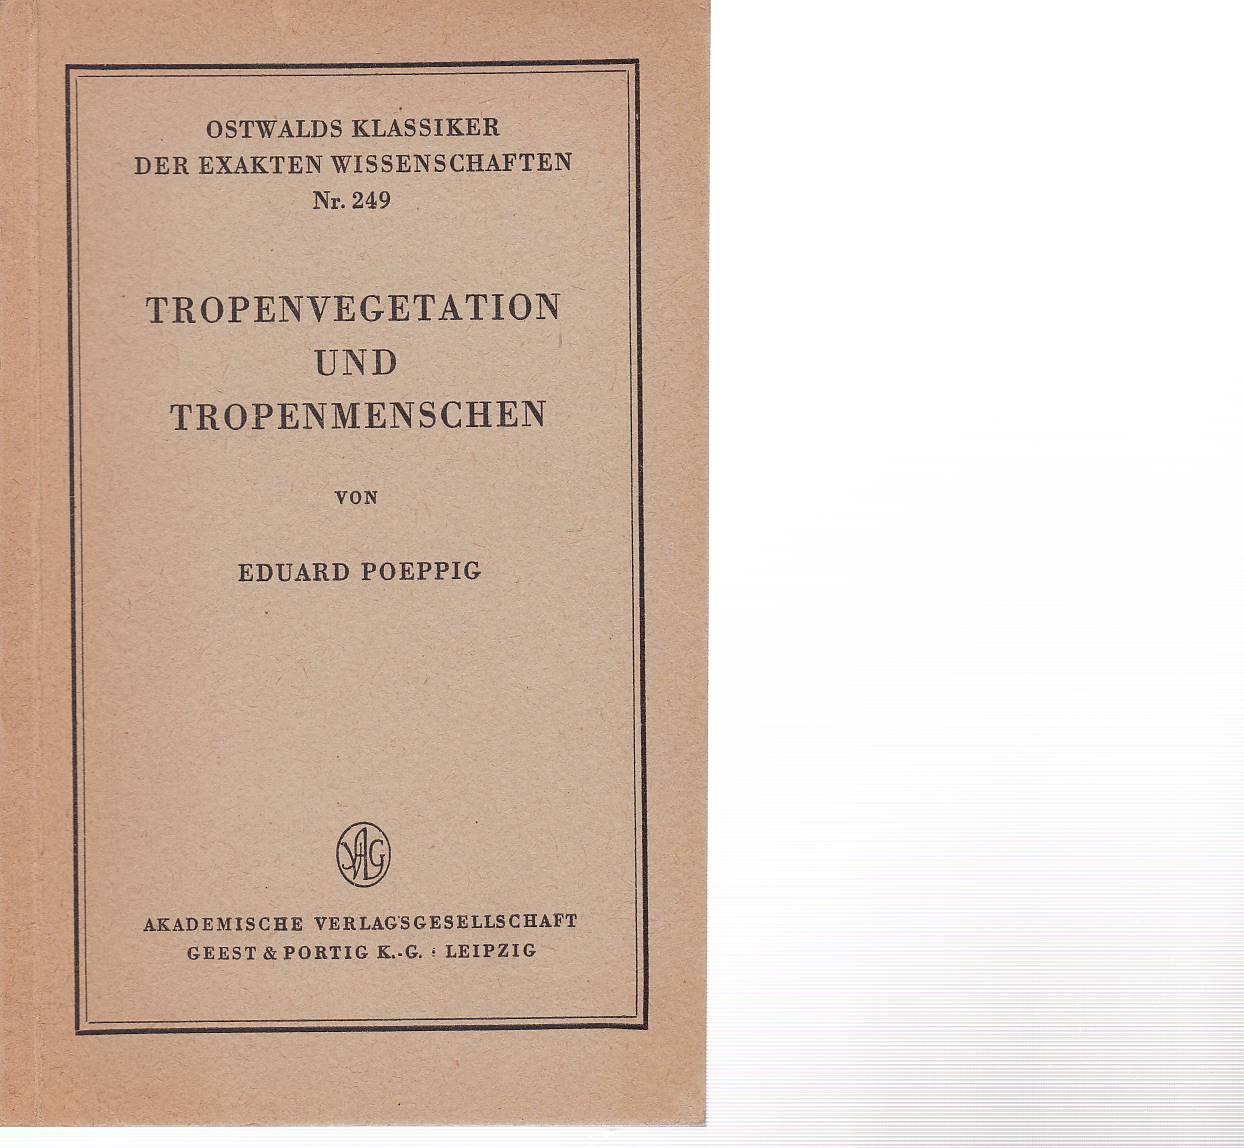 Tropenvegetation und Tropenmenschen von Eduard Poeppig.: Poeppig, Eduard